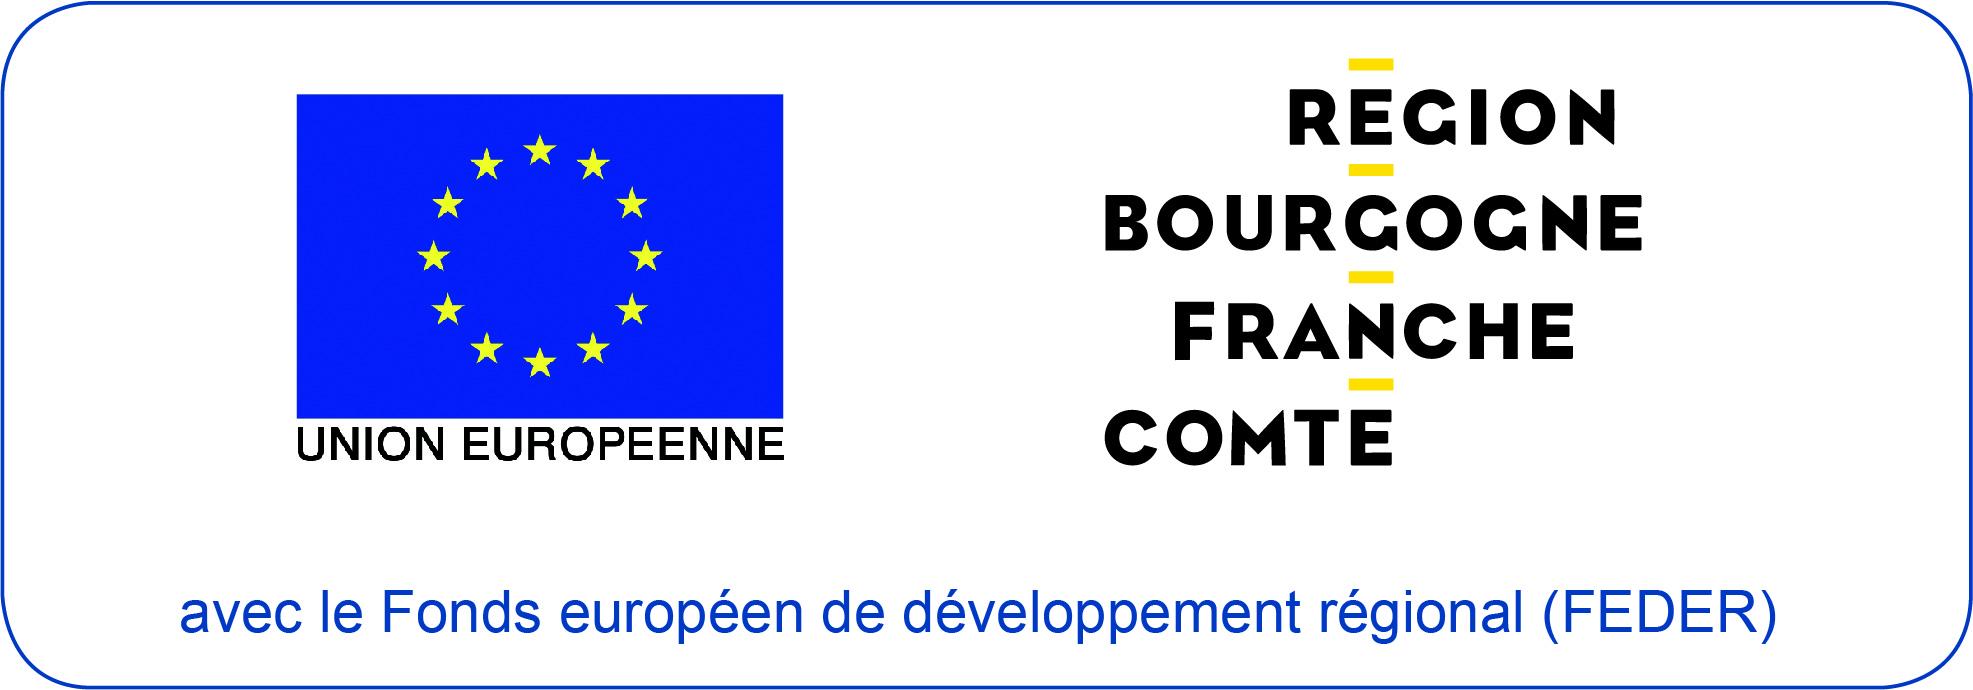 L'Europe s'engage en Bourgogne-Franche-Comté